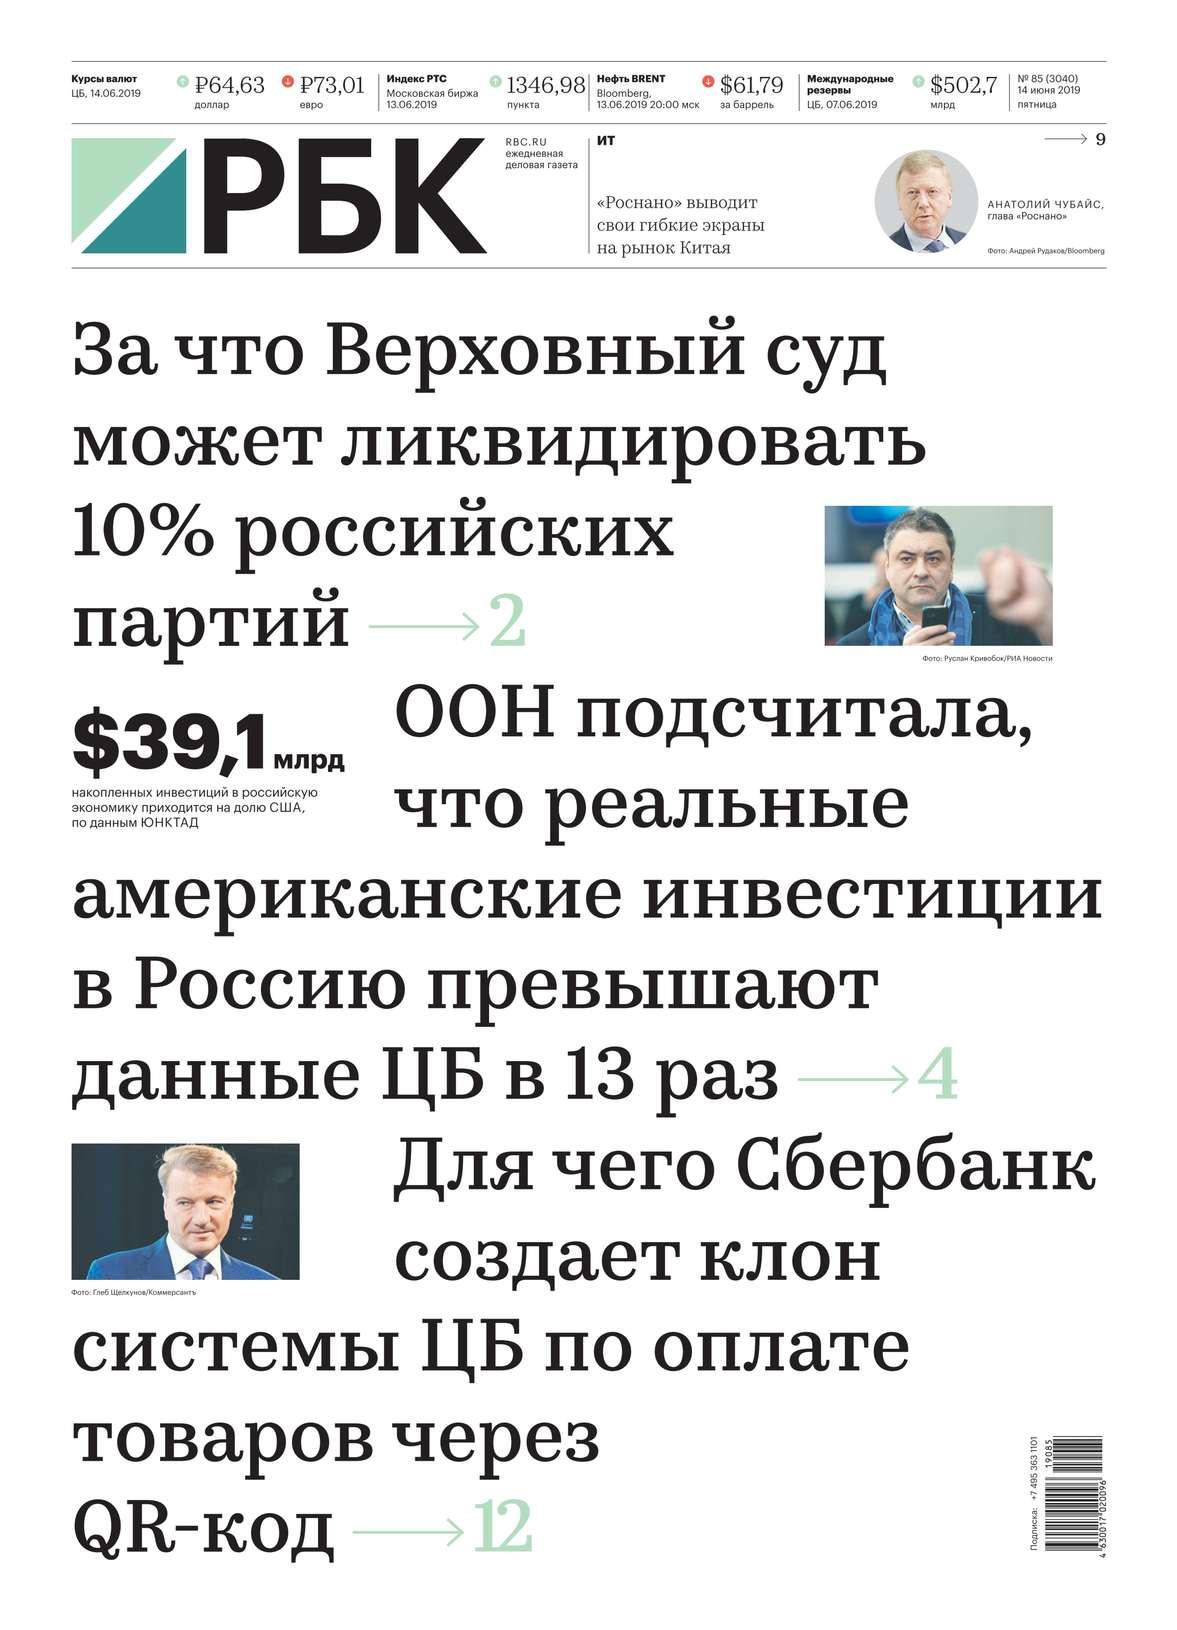 Ежедневная Деловая Газета Рбк 85-2019